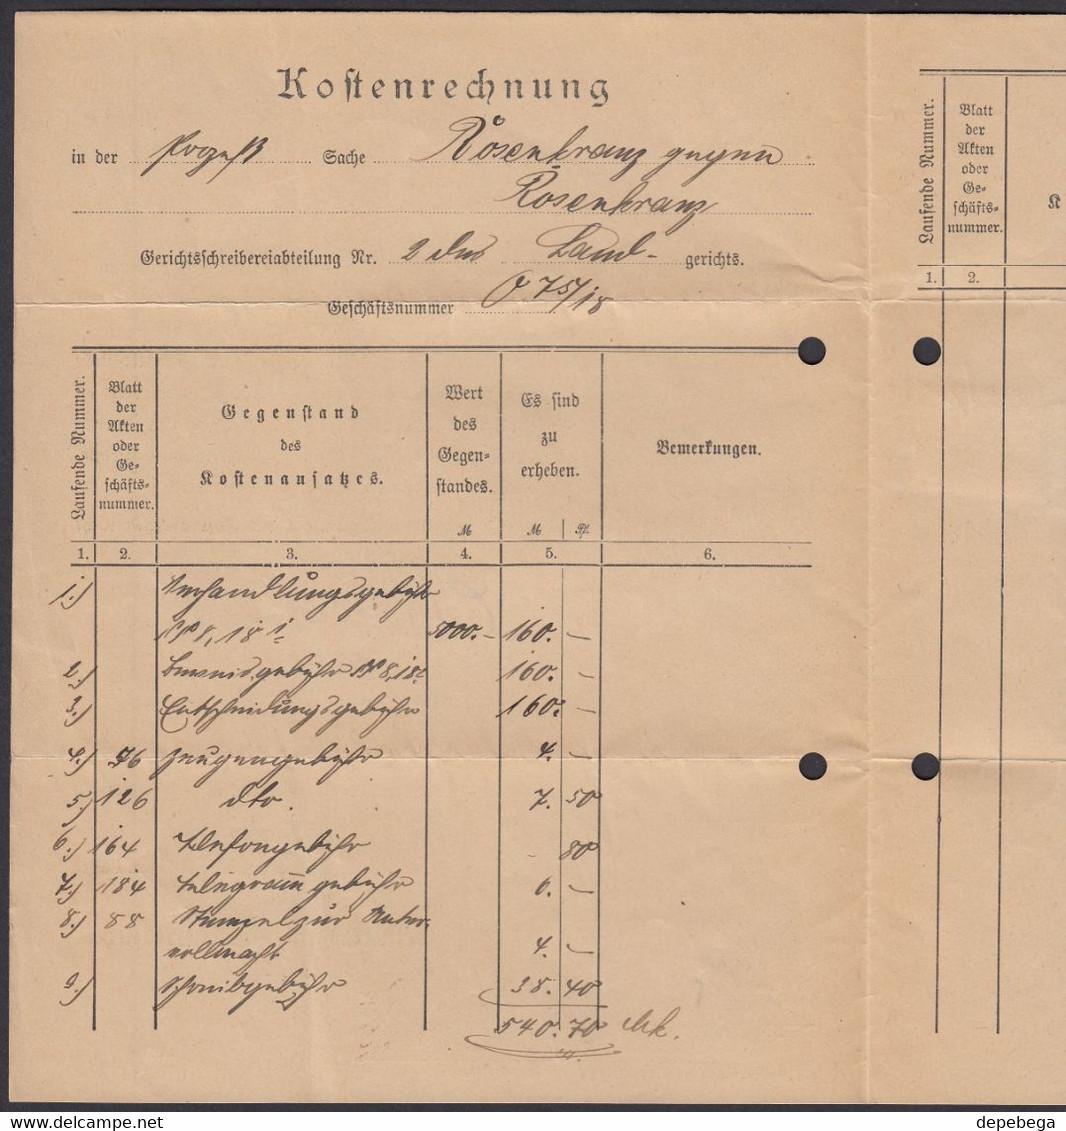 Germany - Diestmarke MiNr. 30,33 MiF Brief, Gerichtkasse - Kostenrechnung, LIMBURG 7.11.1922 - Weilburg. - Oficial